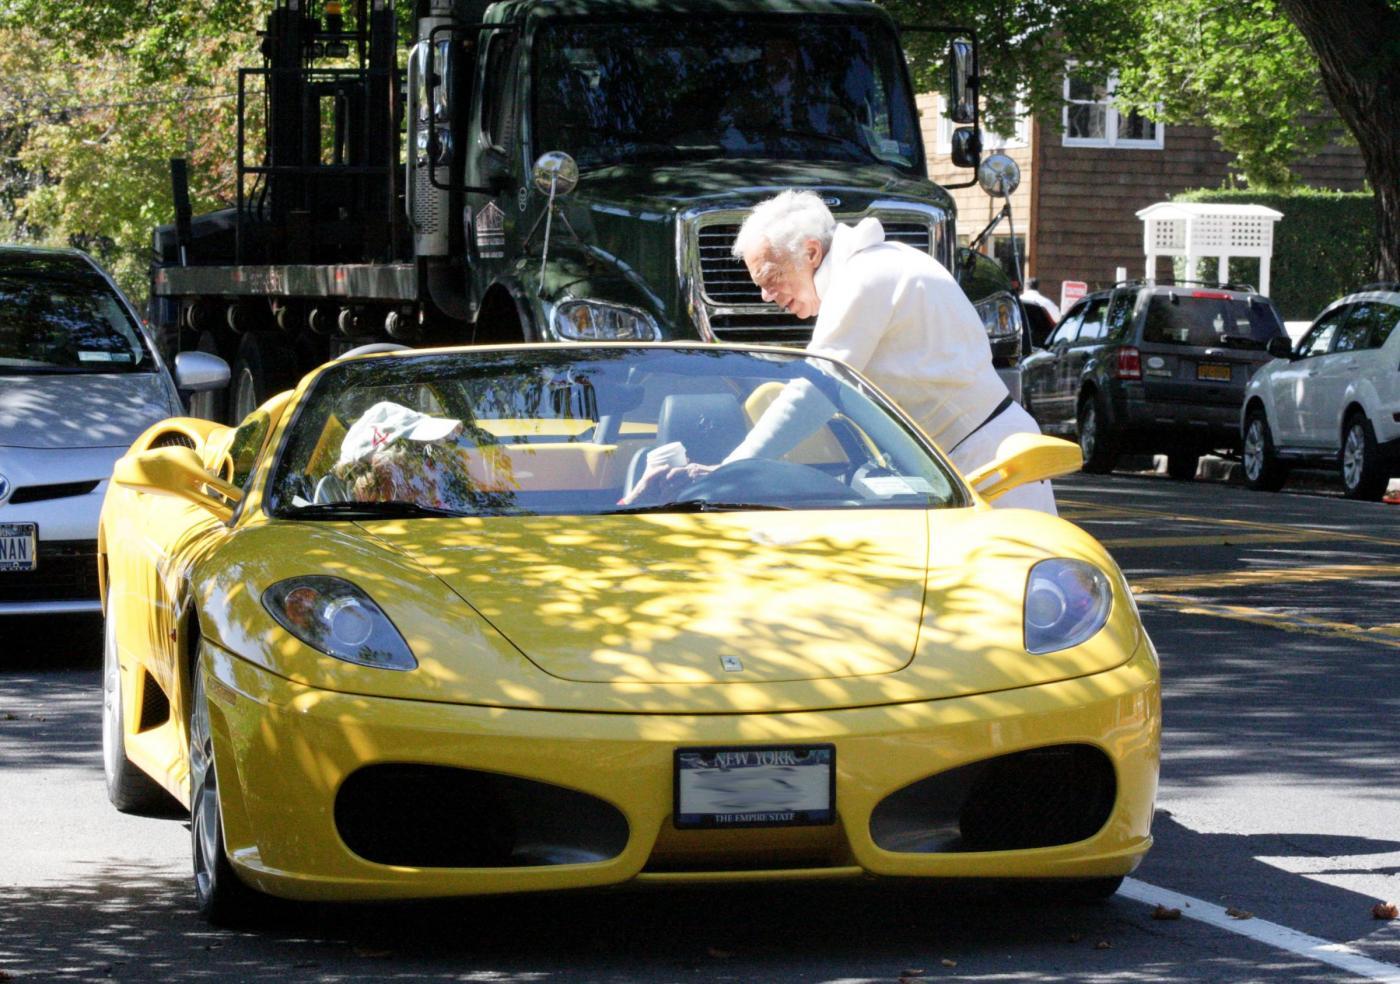 New York, Ralph Lauren va a prendere un caffè con la sua Ferrari gialla01